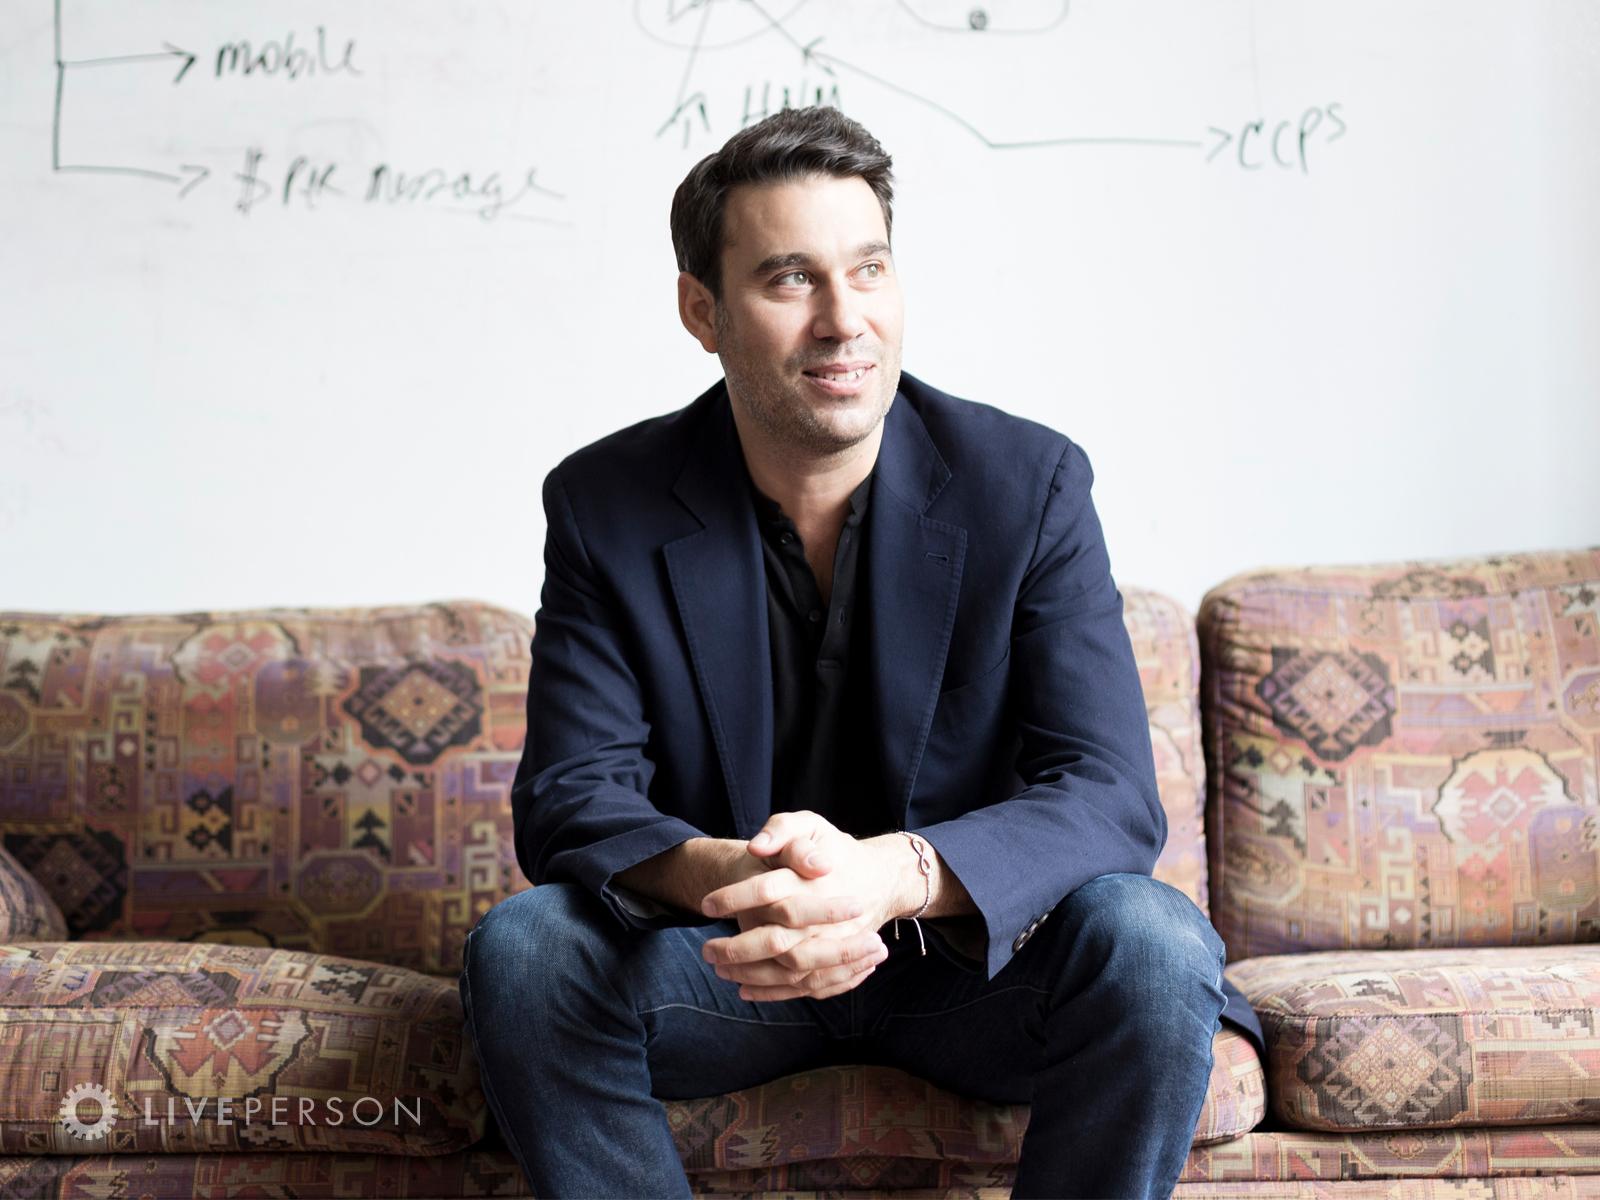 Founder & CEO, Rob LoCascio at HQ in NYC